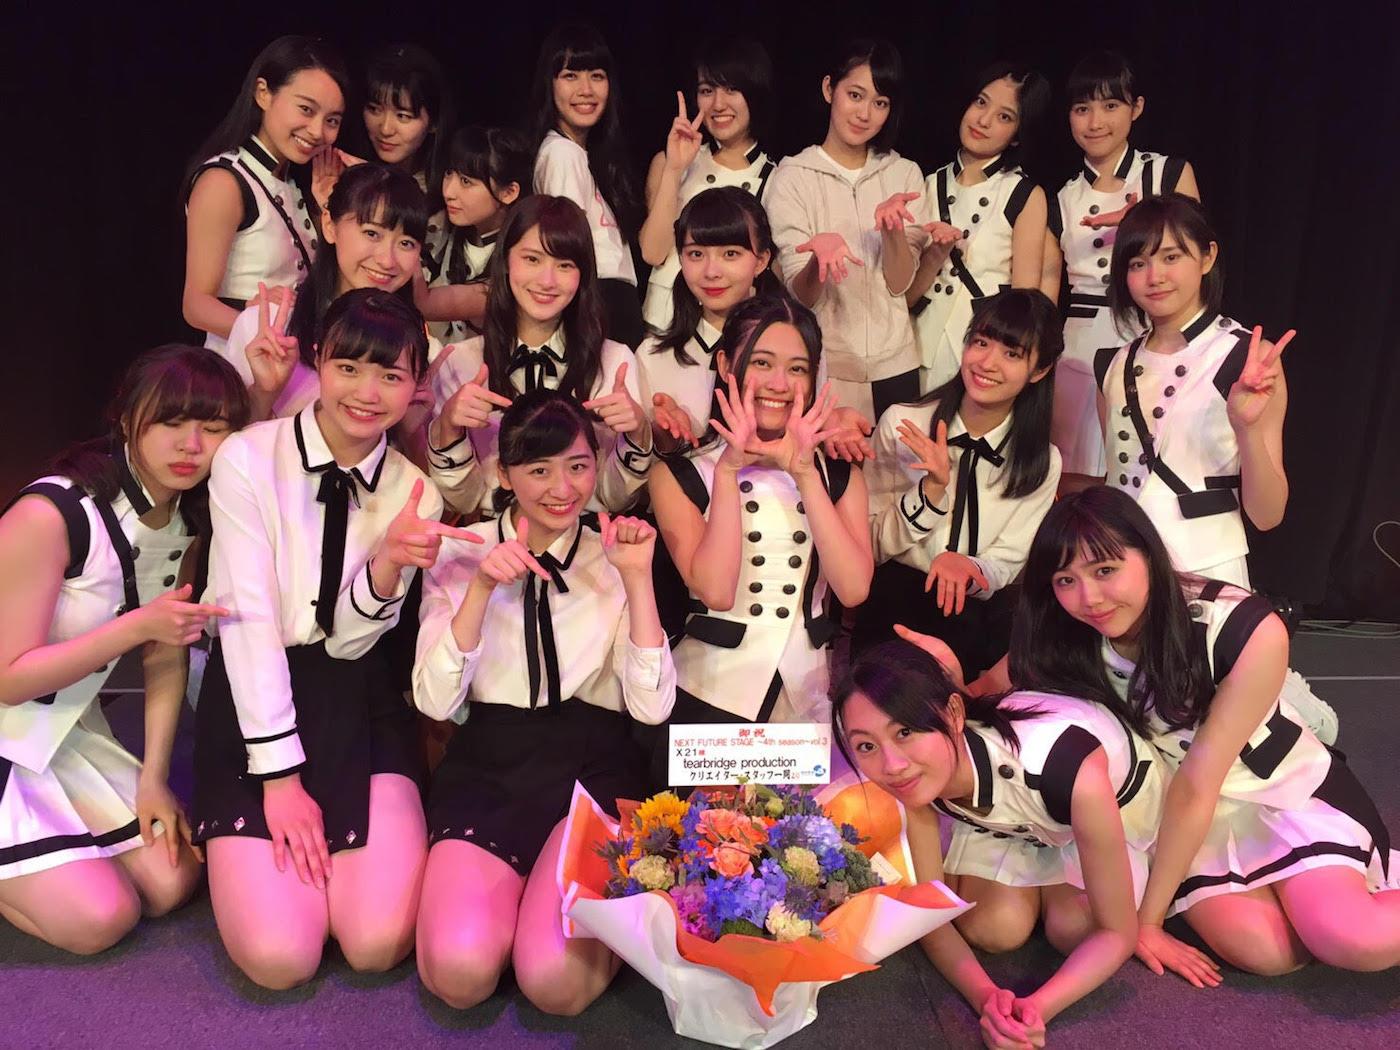 全日本国民的美少女コンテスト出身アイドル・X21、吉本実憂の卒業ライブを9月17日に開催発表サムネイル画像